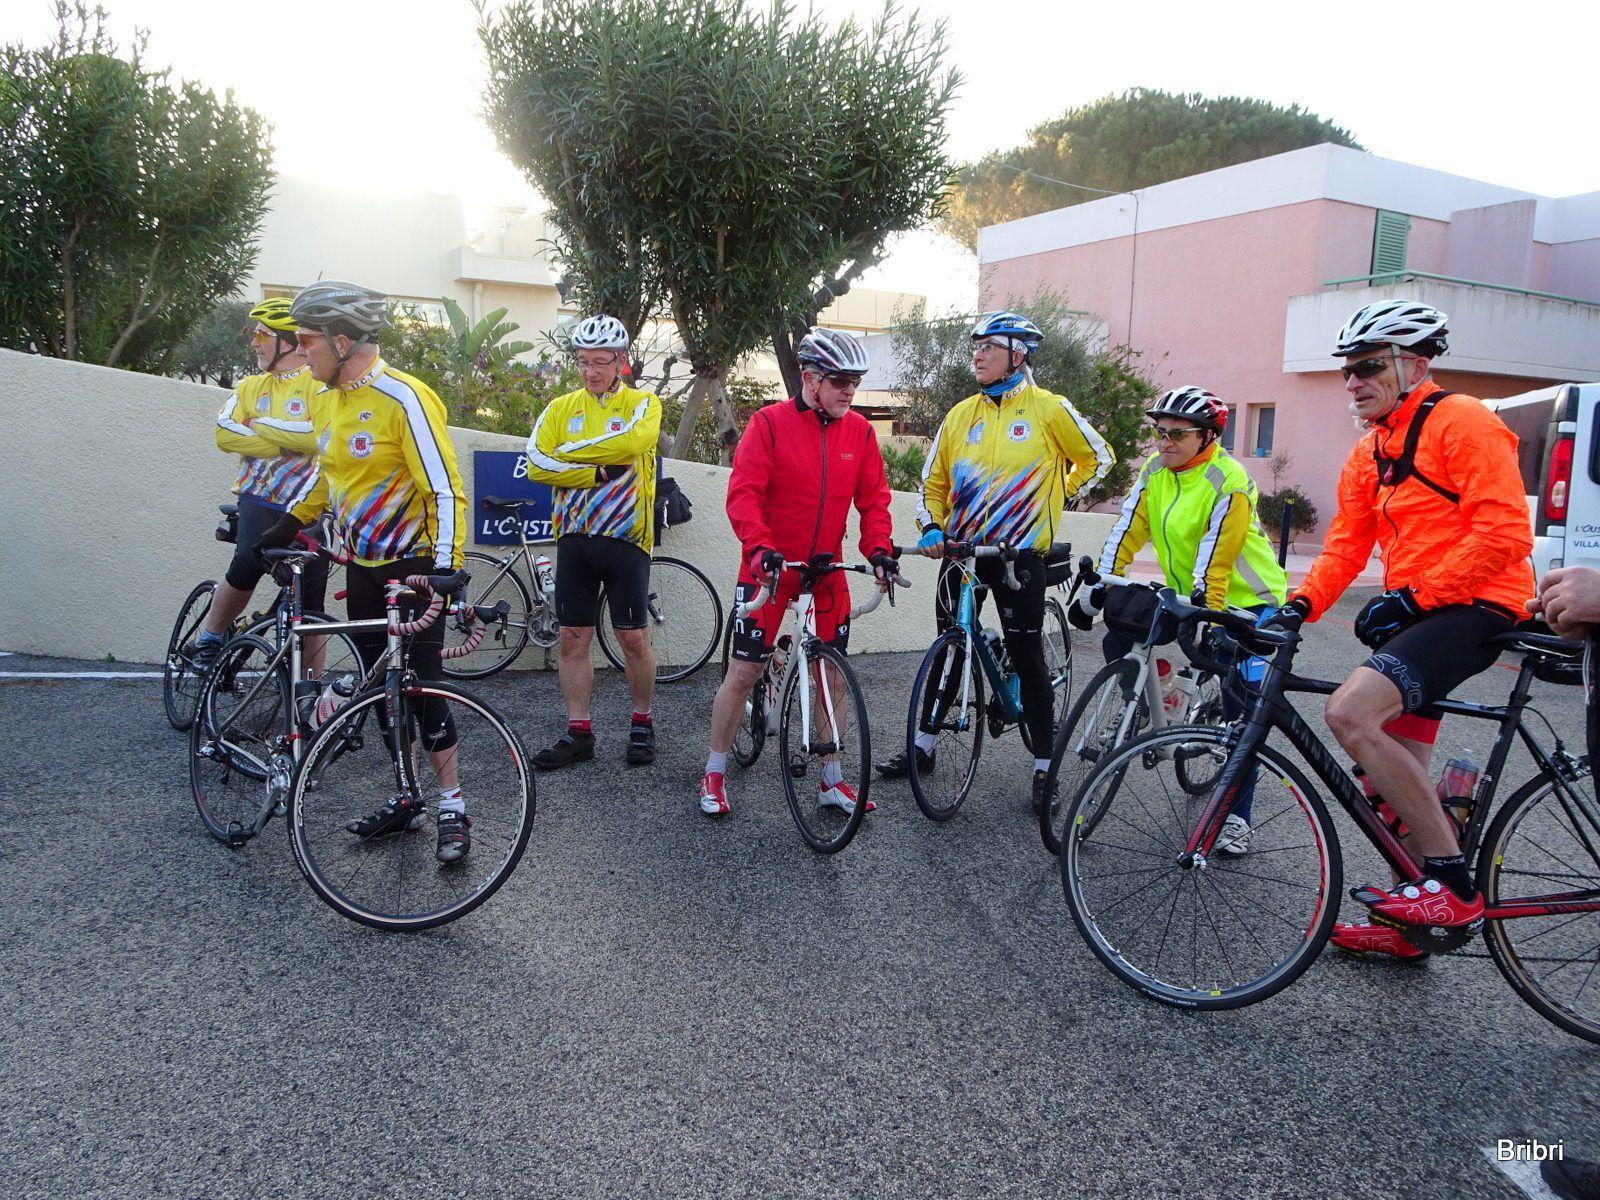 Les cyclos partent pour leur première sortie, suivant les parcours journaliers à 8h30 ou 9h.